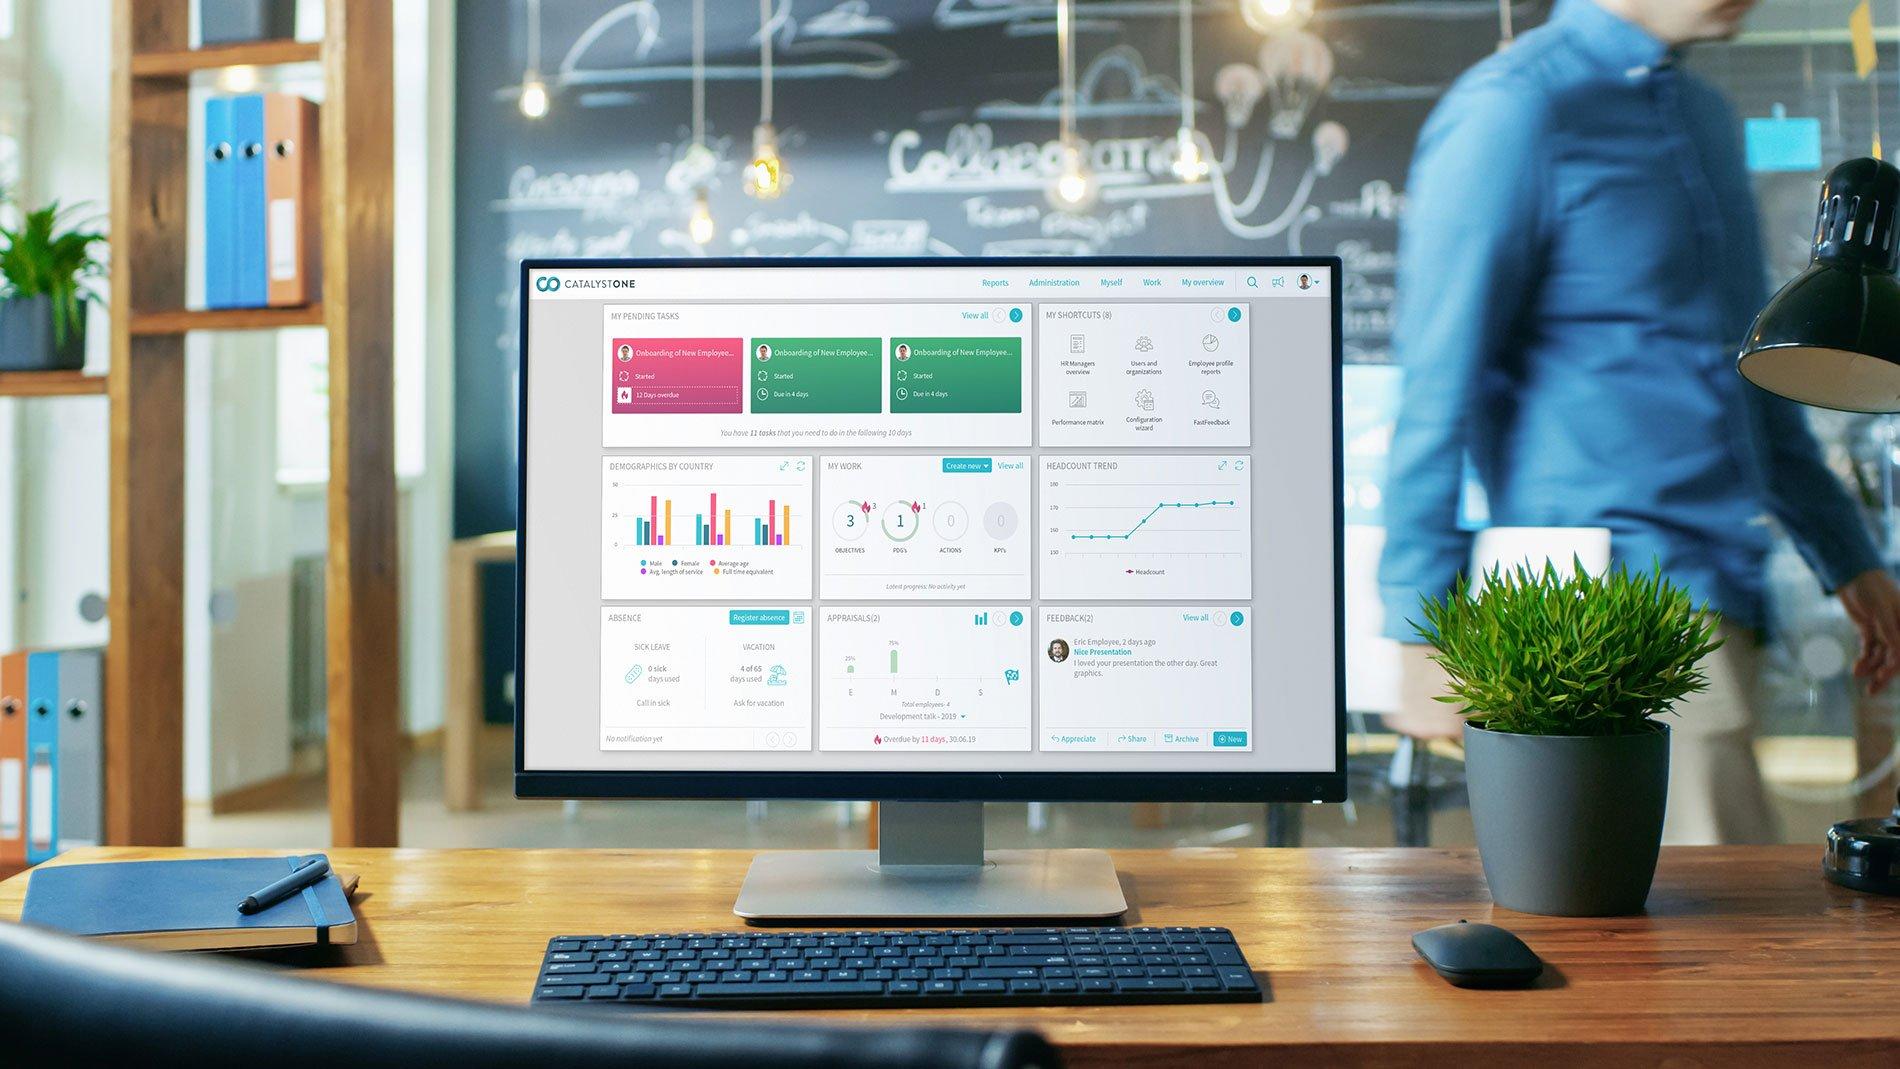 Monitor-screen